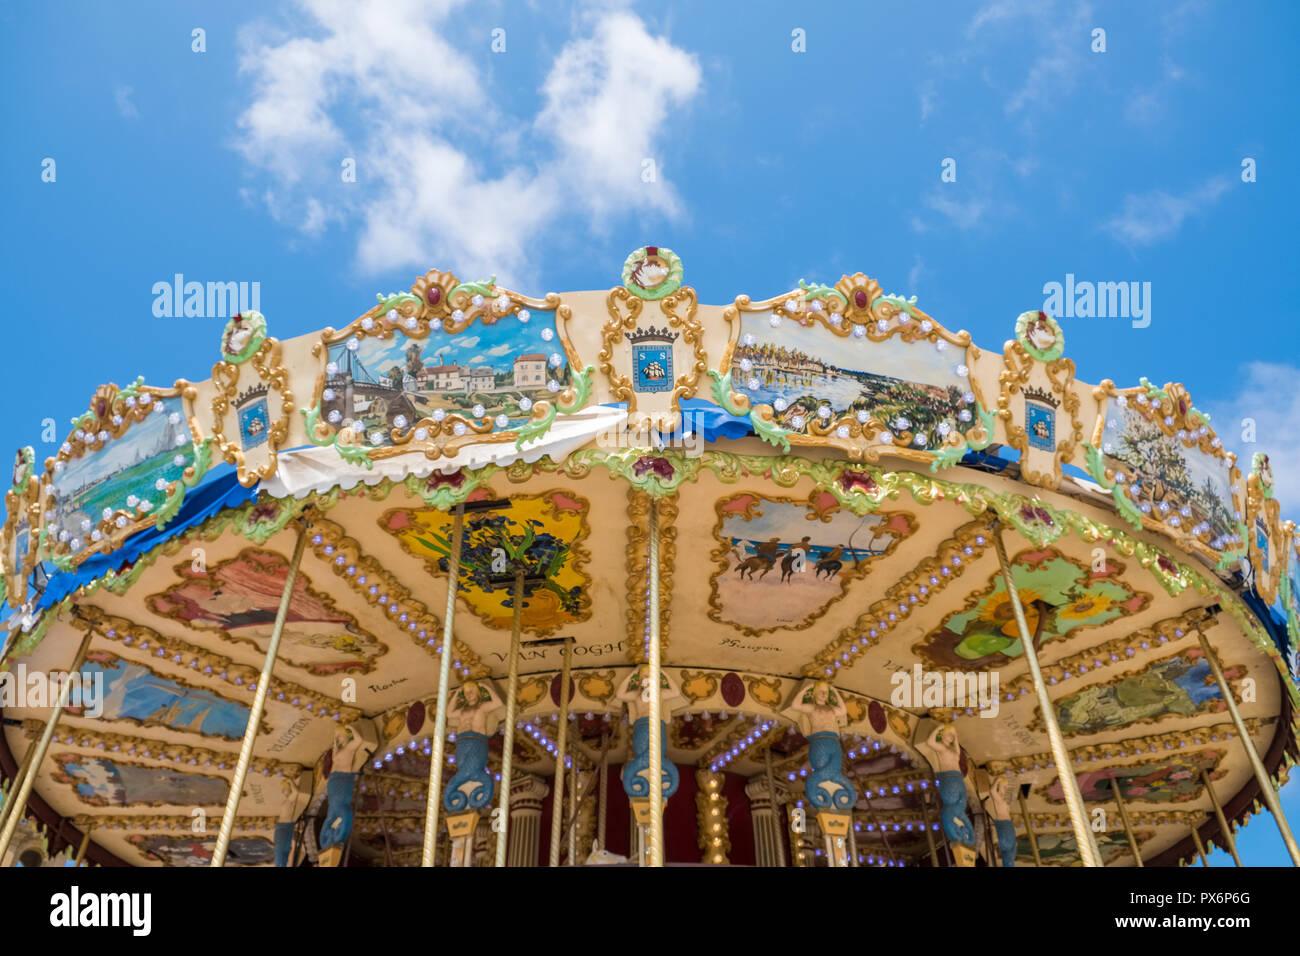 Rond-point du carrousel canopy contre le ciel bleu Photo Stock